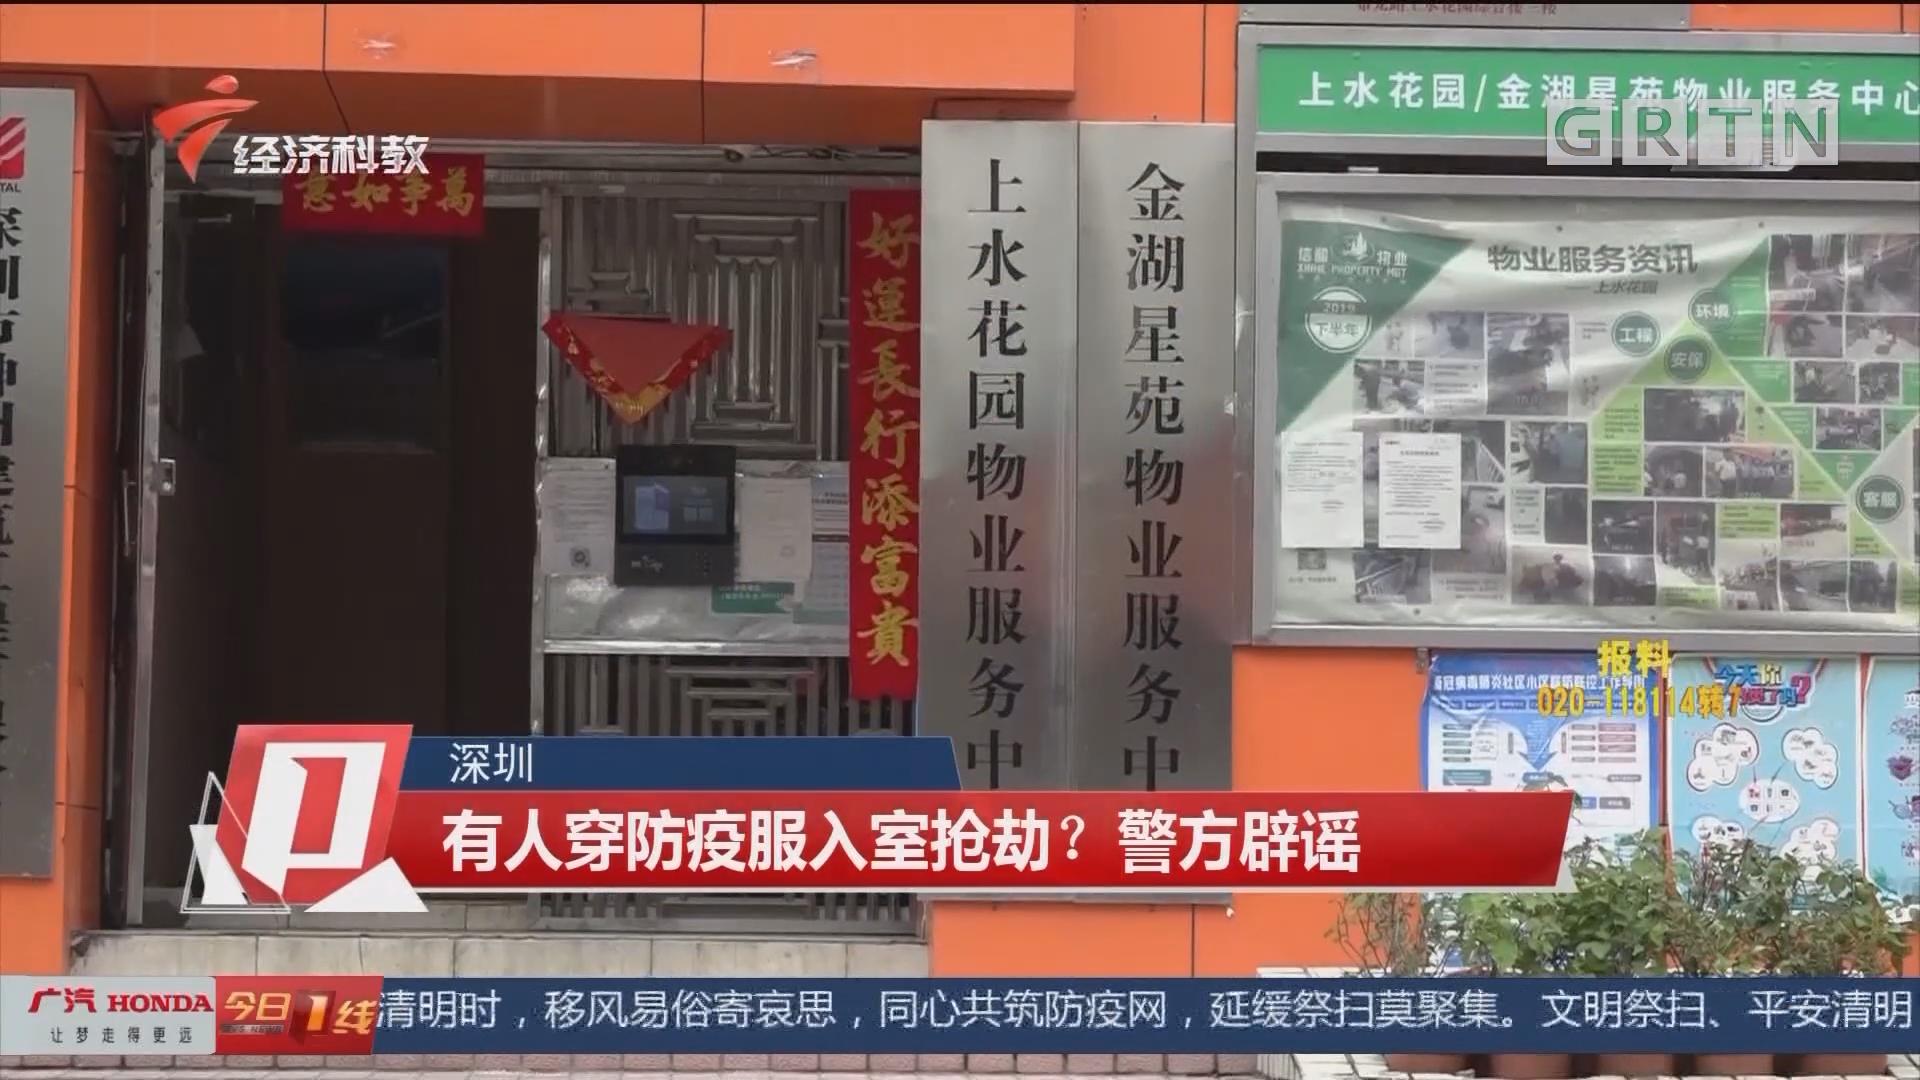 深圳:有人穿防疫服入室抢劫?警方辟谣